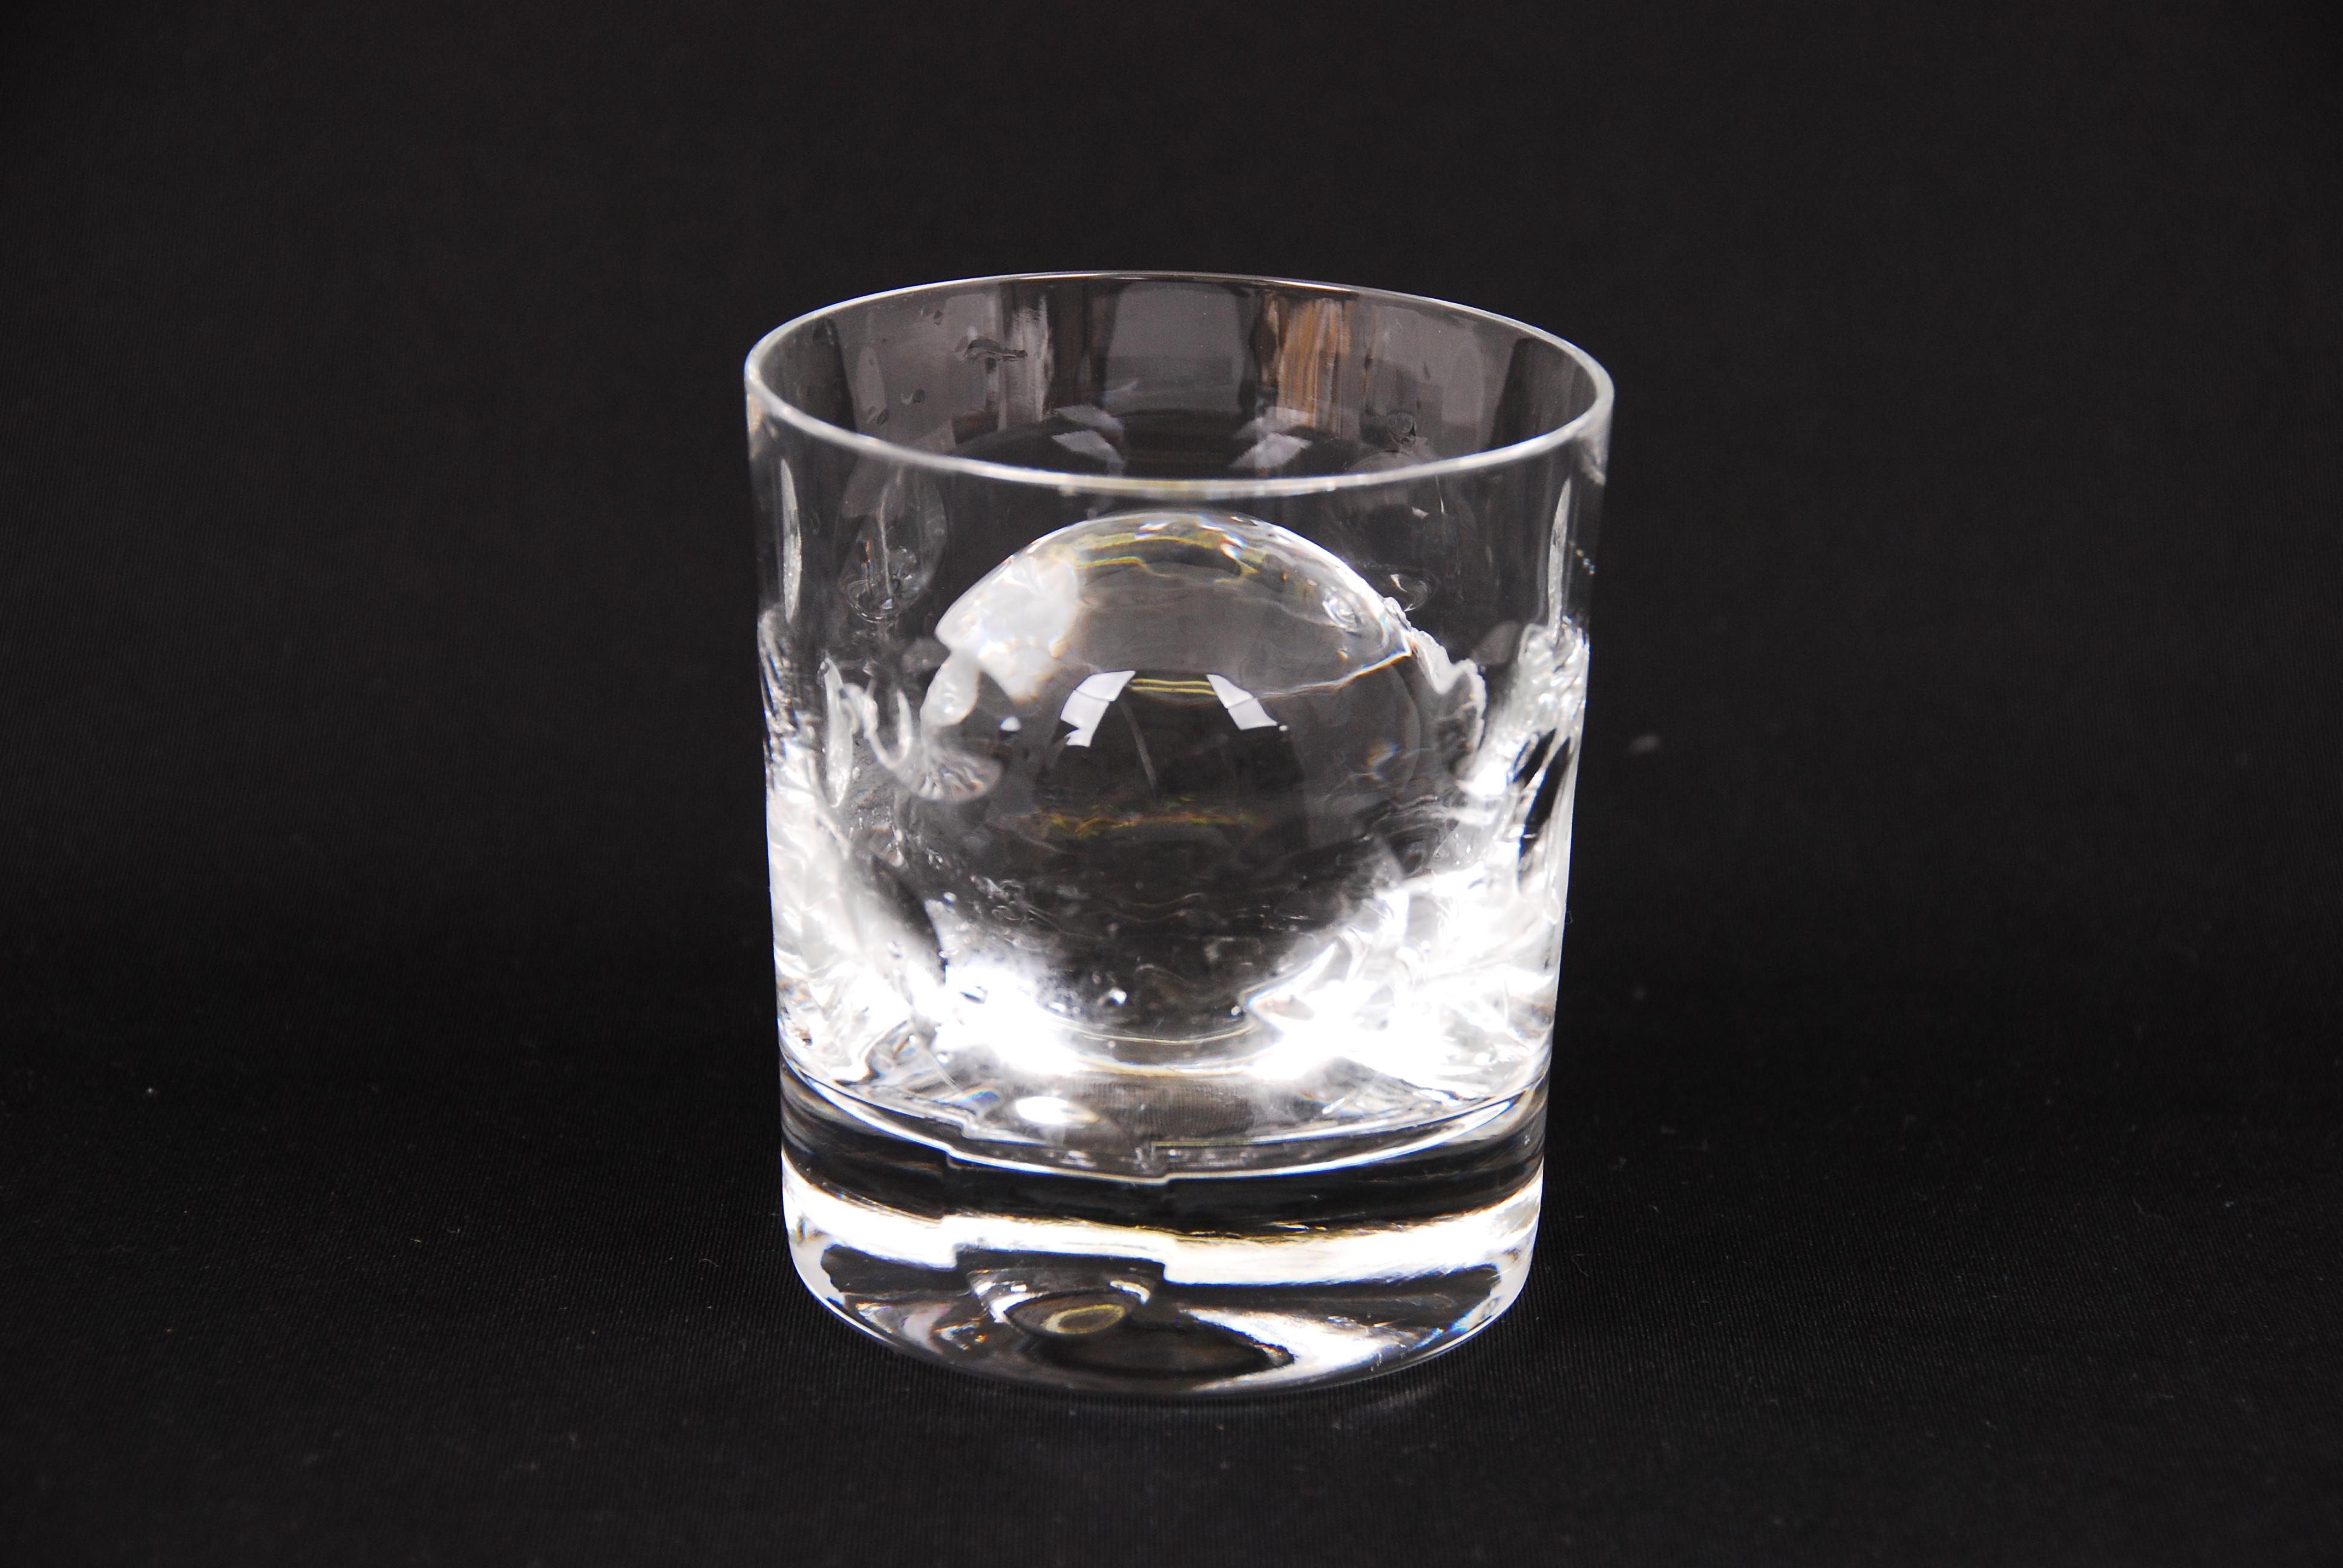 氷の作り方。ファミレスみたいにキレイでおいしい氷を作りたい!のサムネイル画像